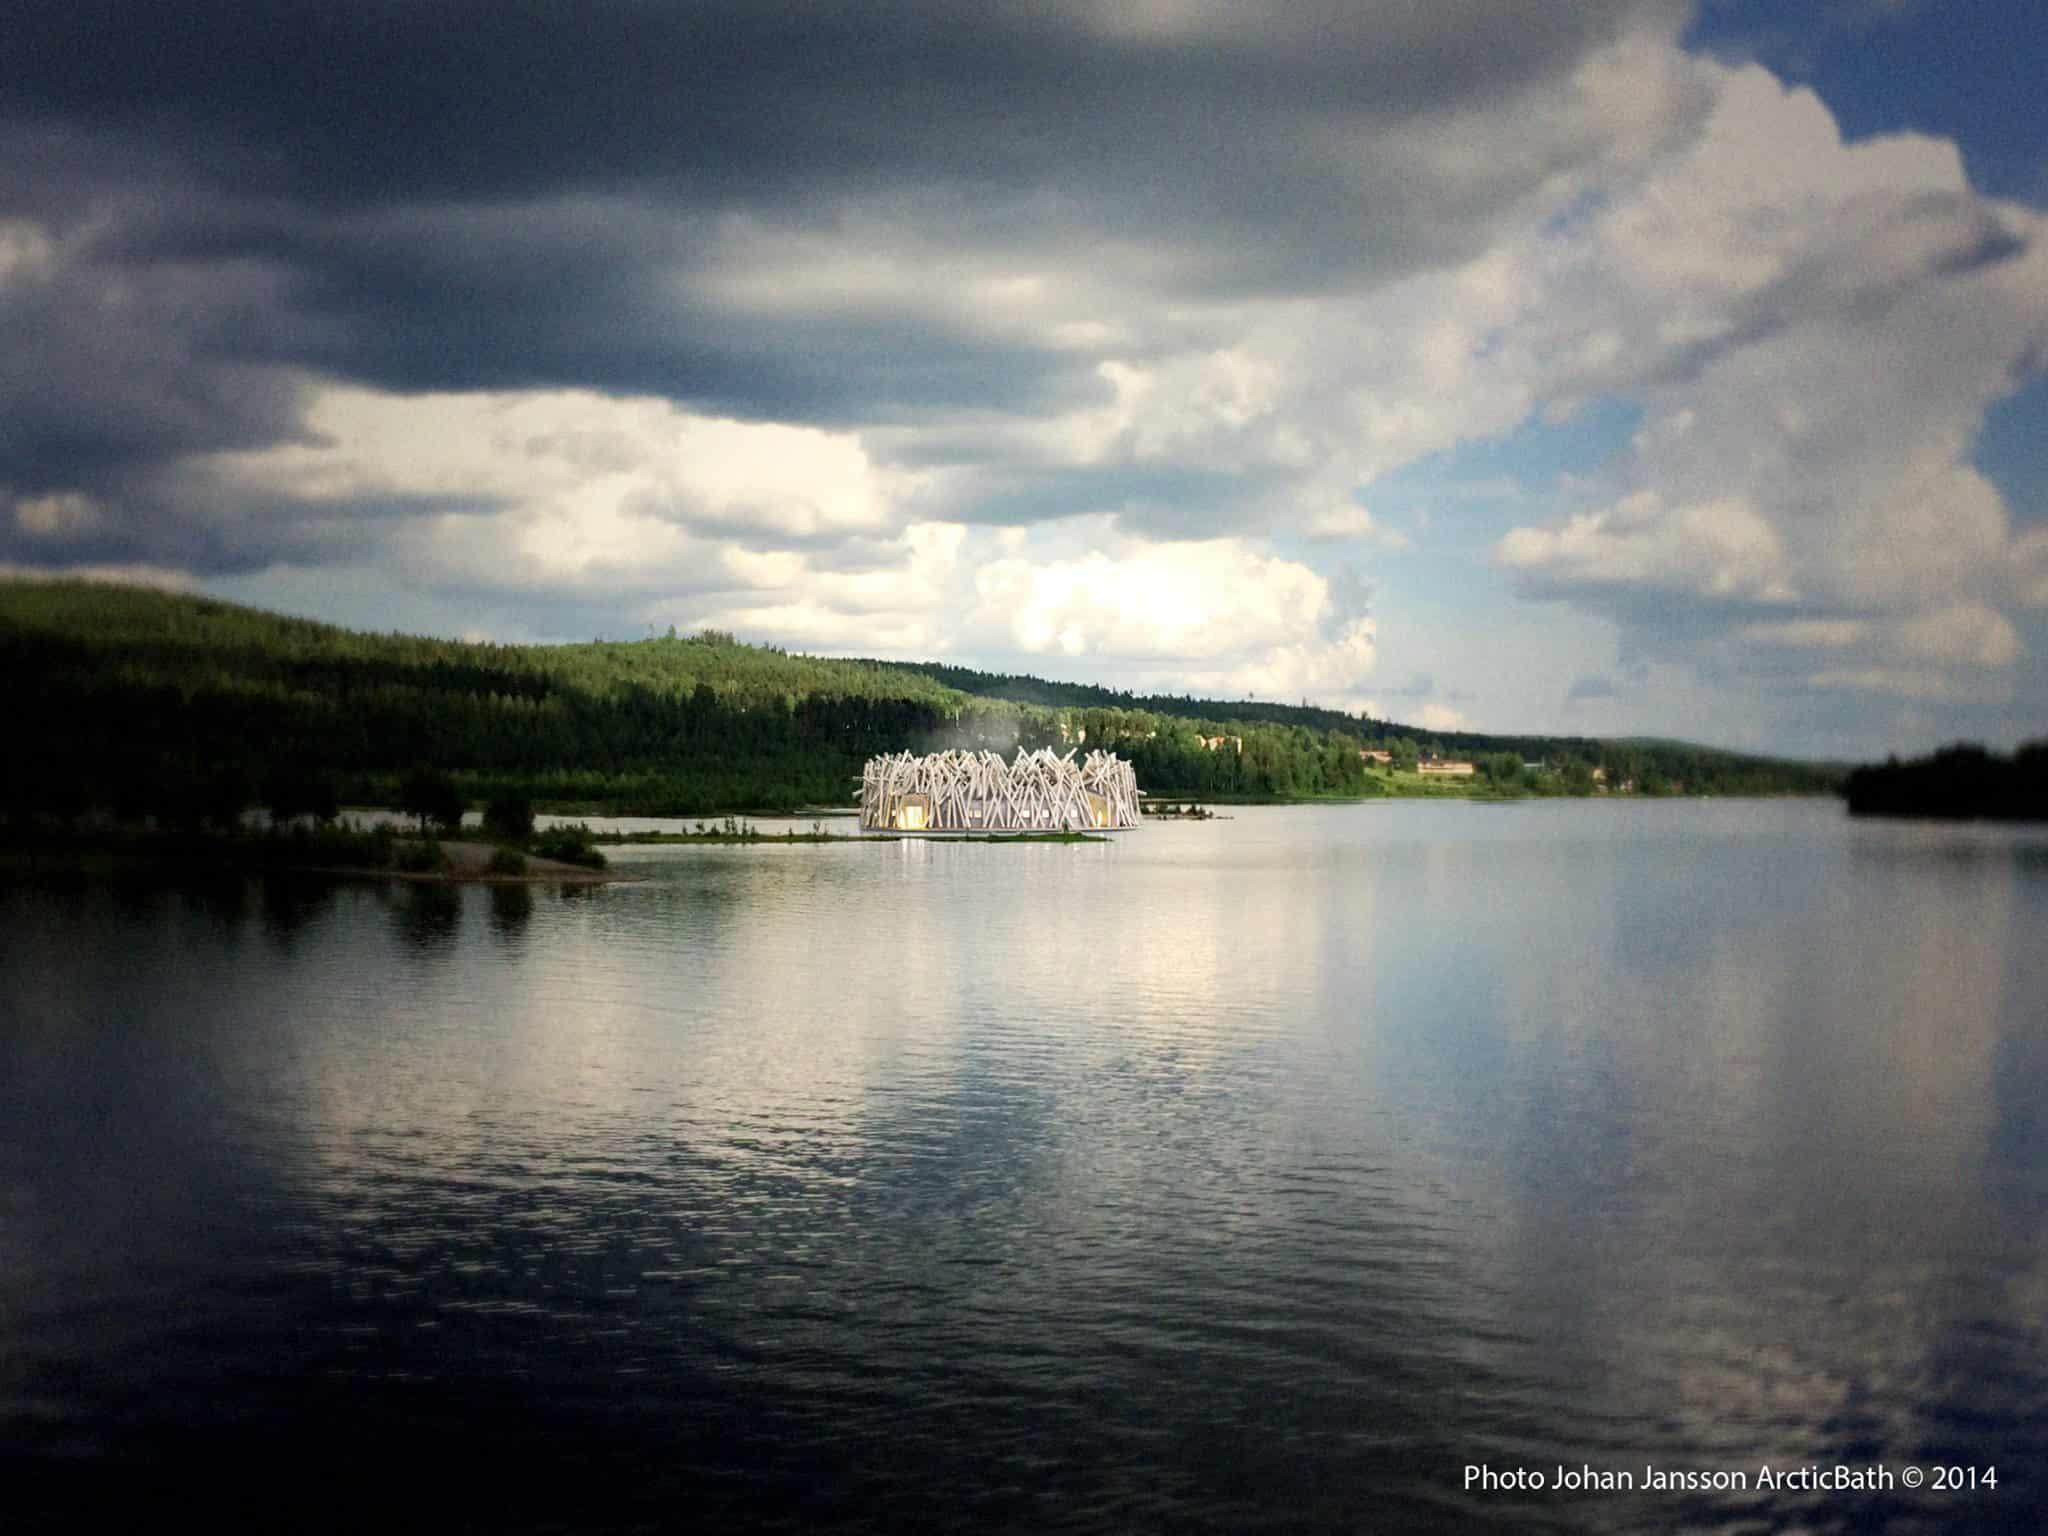 Ngắm kiến trúc độc lạ của khách sạn nổi giữa dòng sông ở Thụy Điển - 4